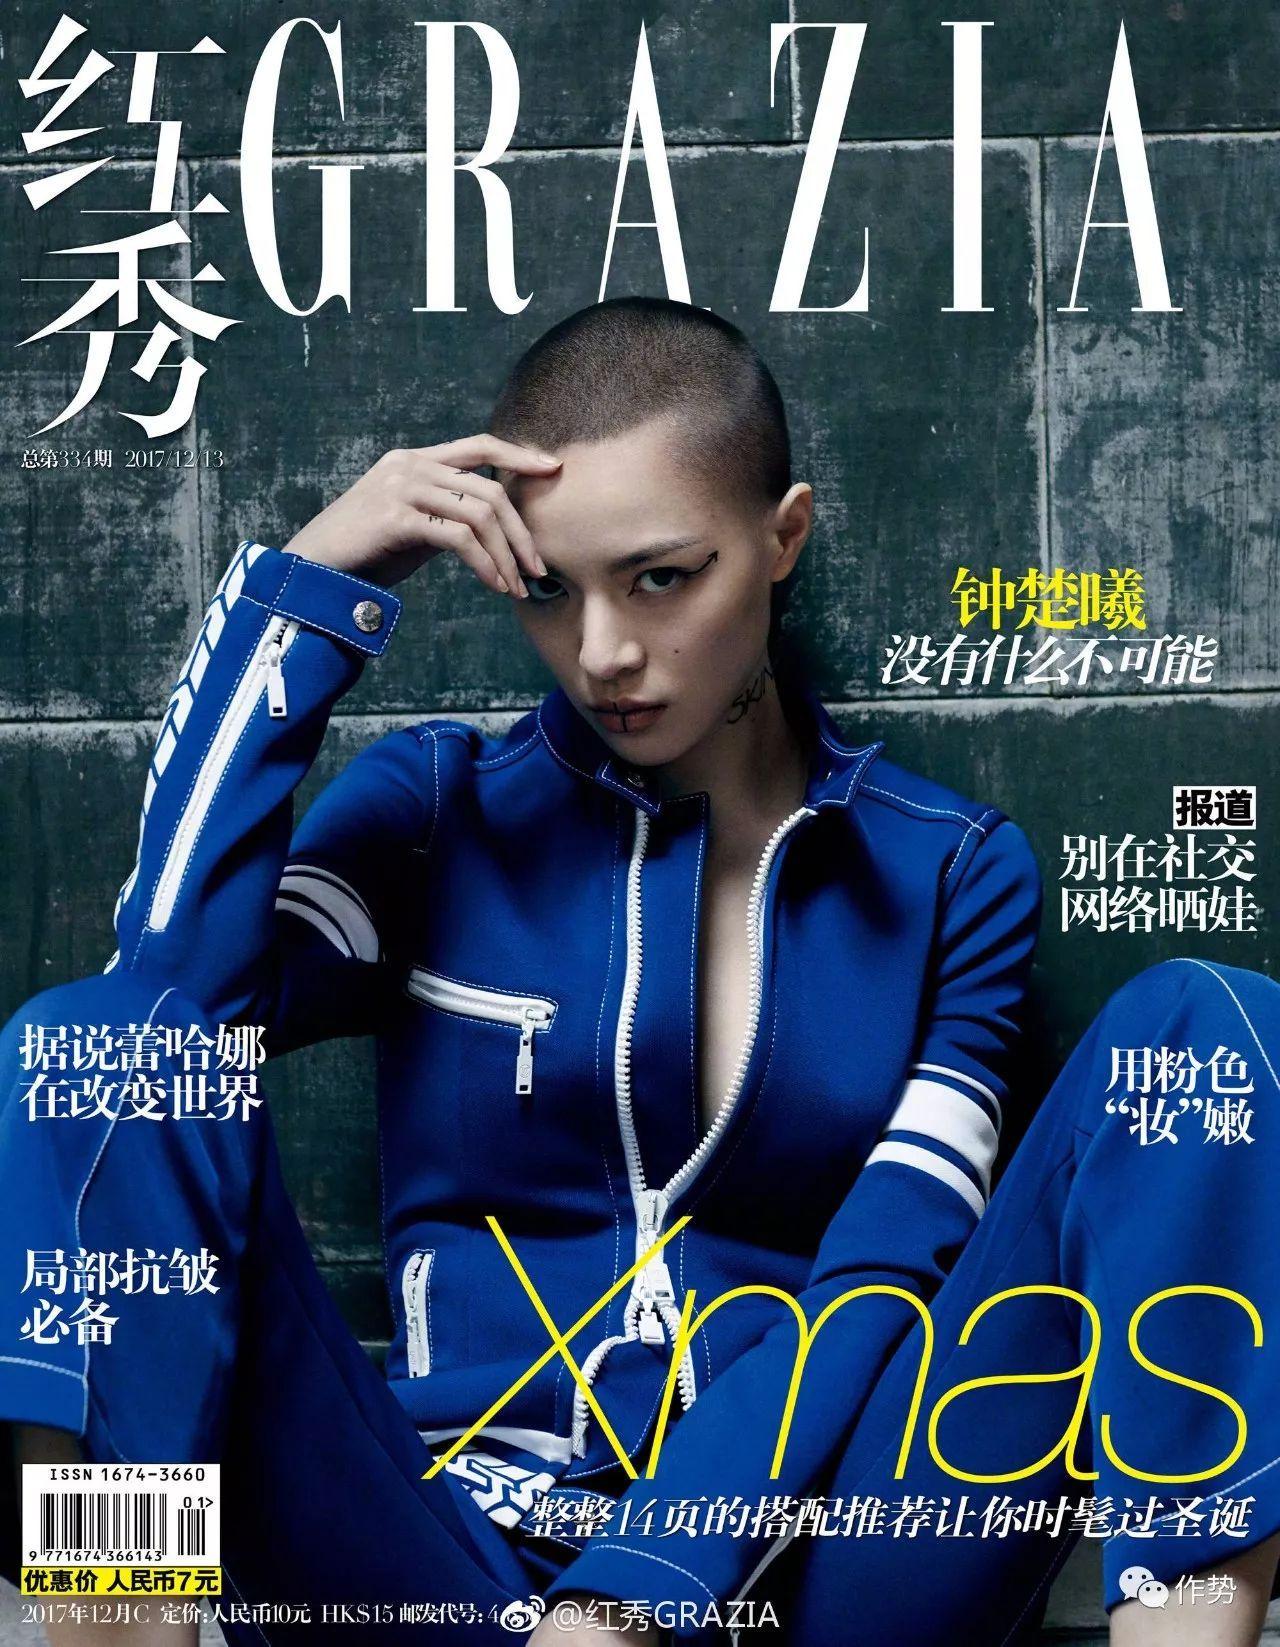 听说《芳华》里的她光头登上了时尚杂志封面...